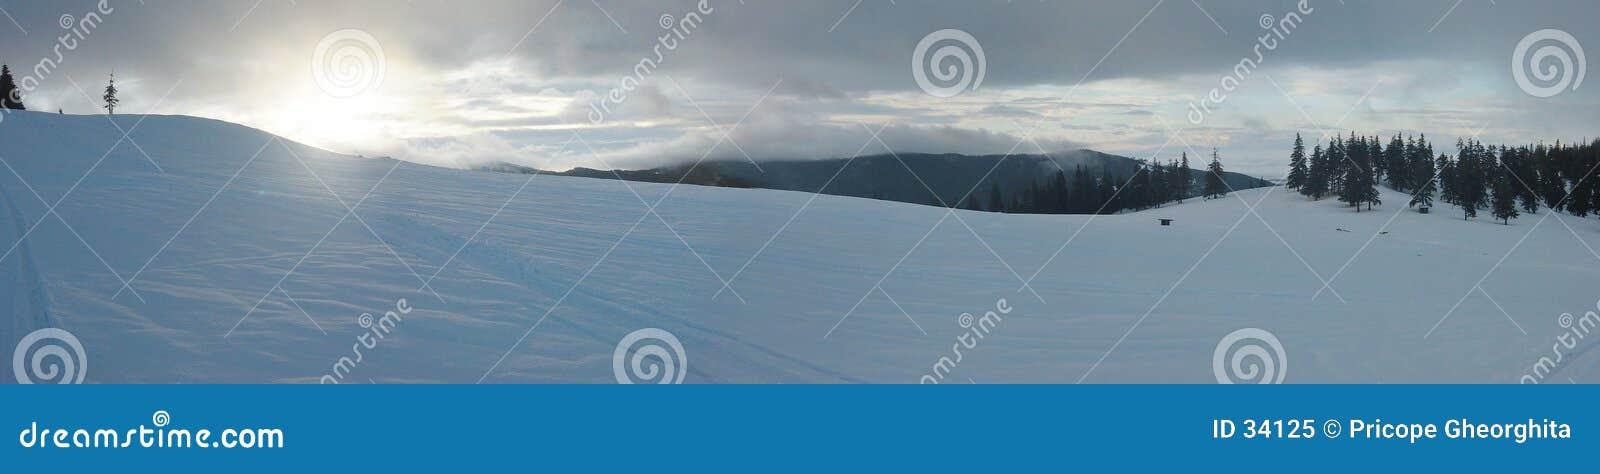 Panorama de la salida del sol del invierno